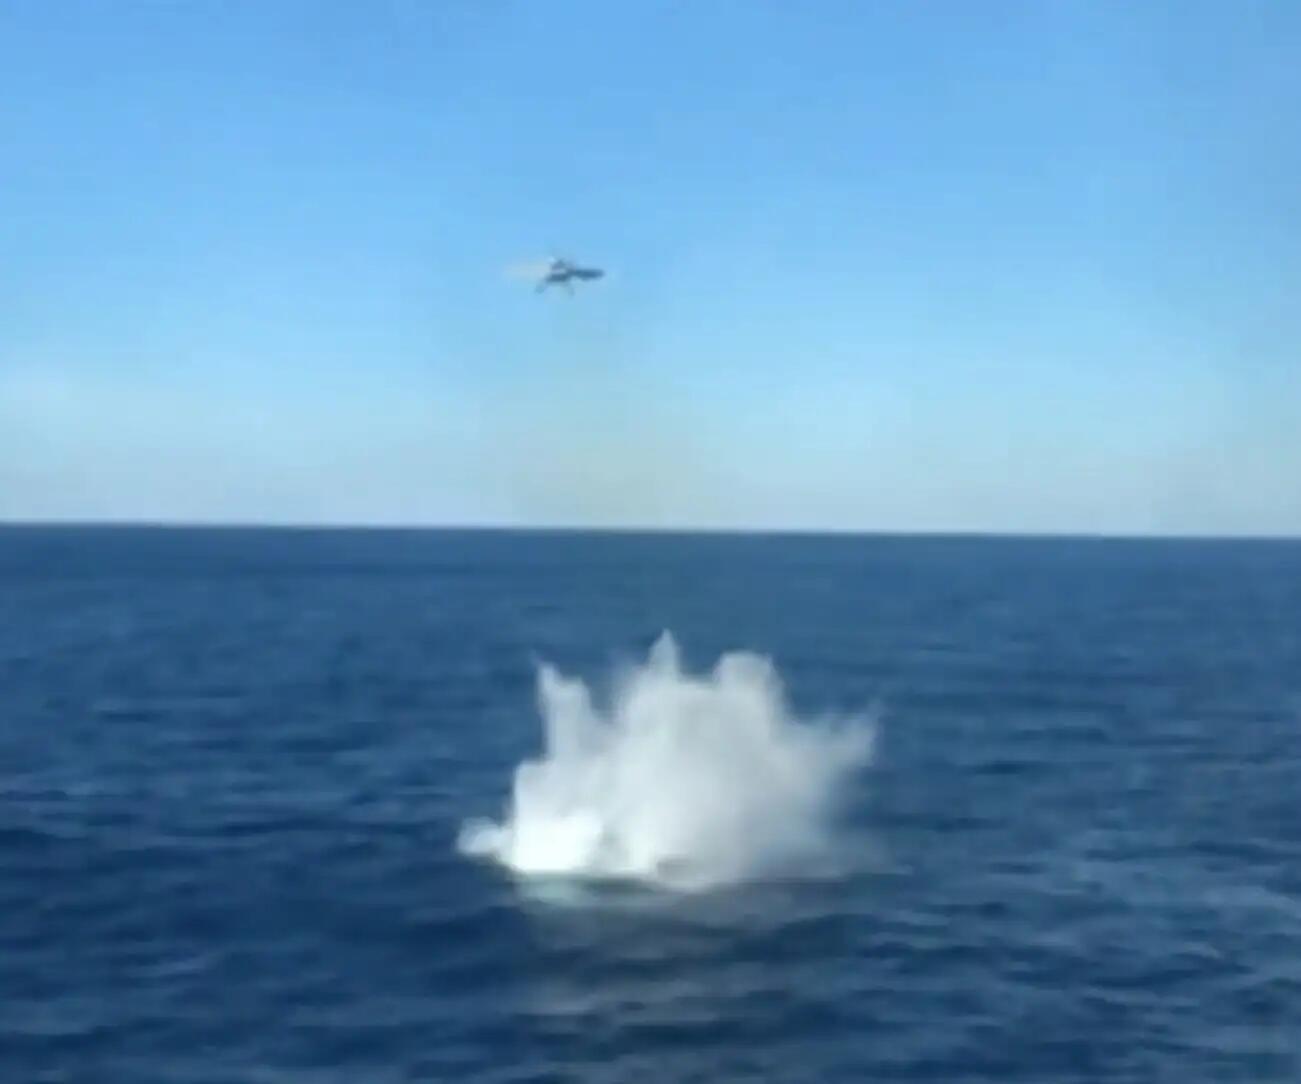 美军舰载机弹射起飞时副油箱脱落 直接栽进海里